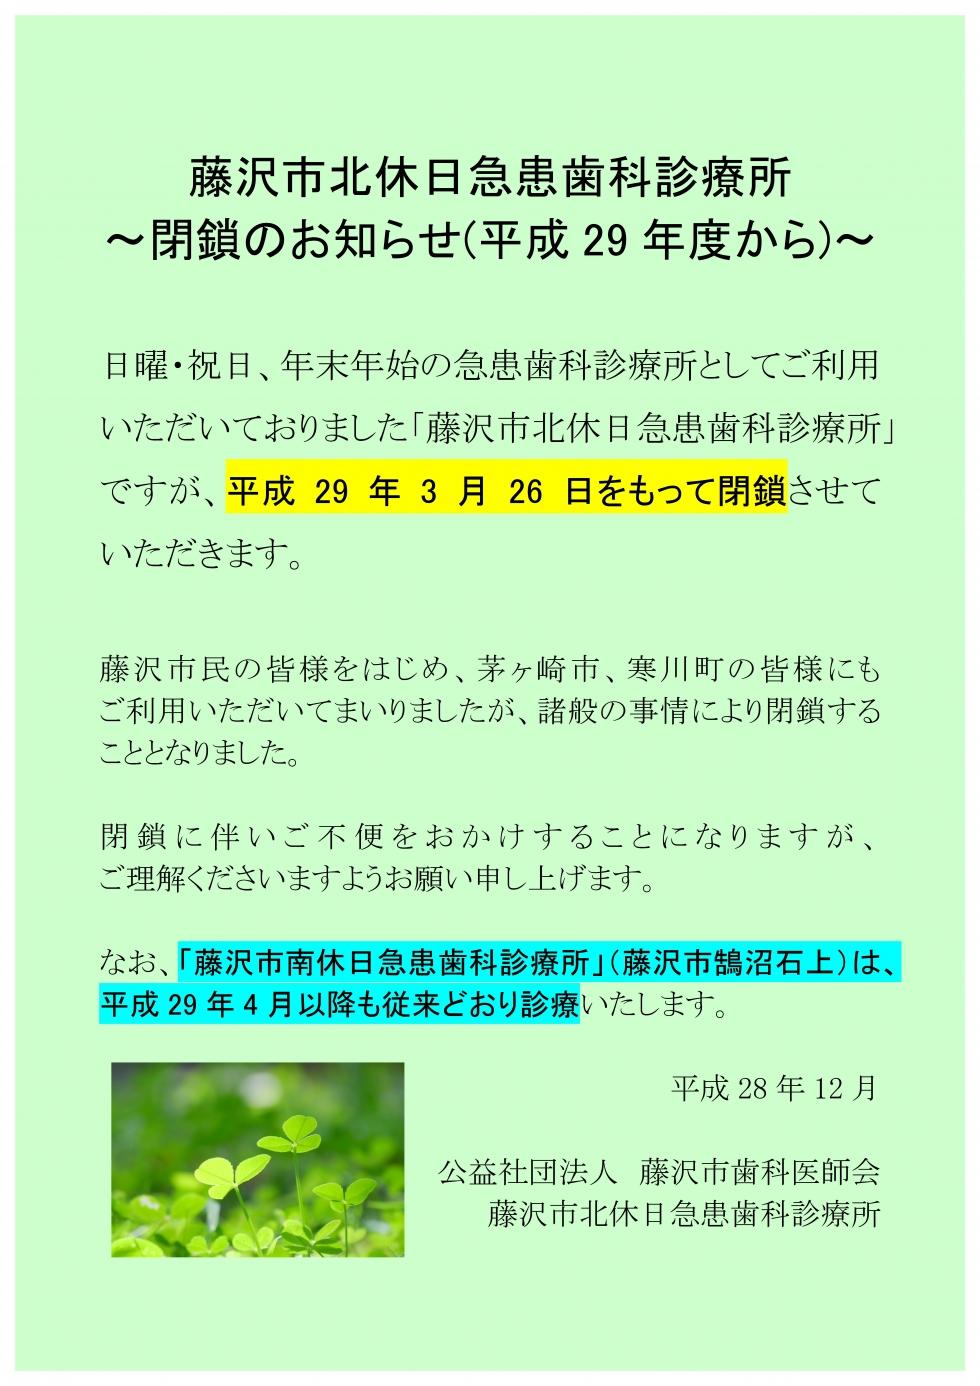 藤沢市北休日急患歯科診療所~閉鎖のお知らせ(平成29年度から)~